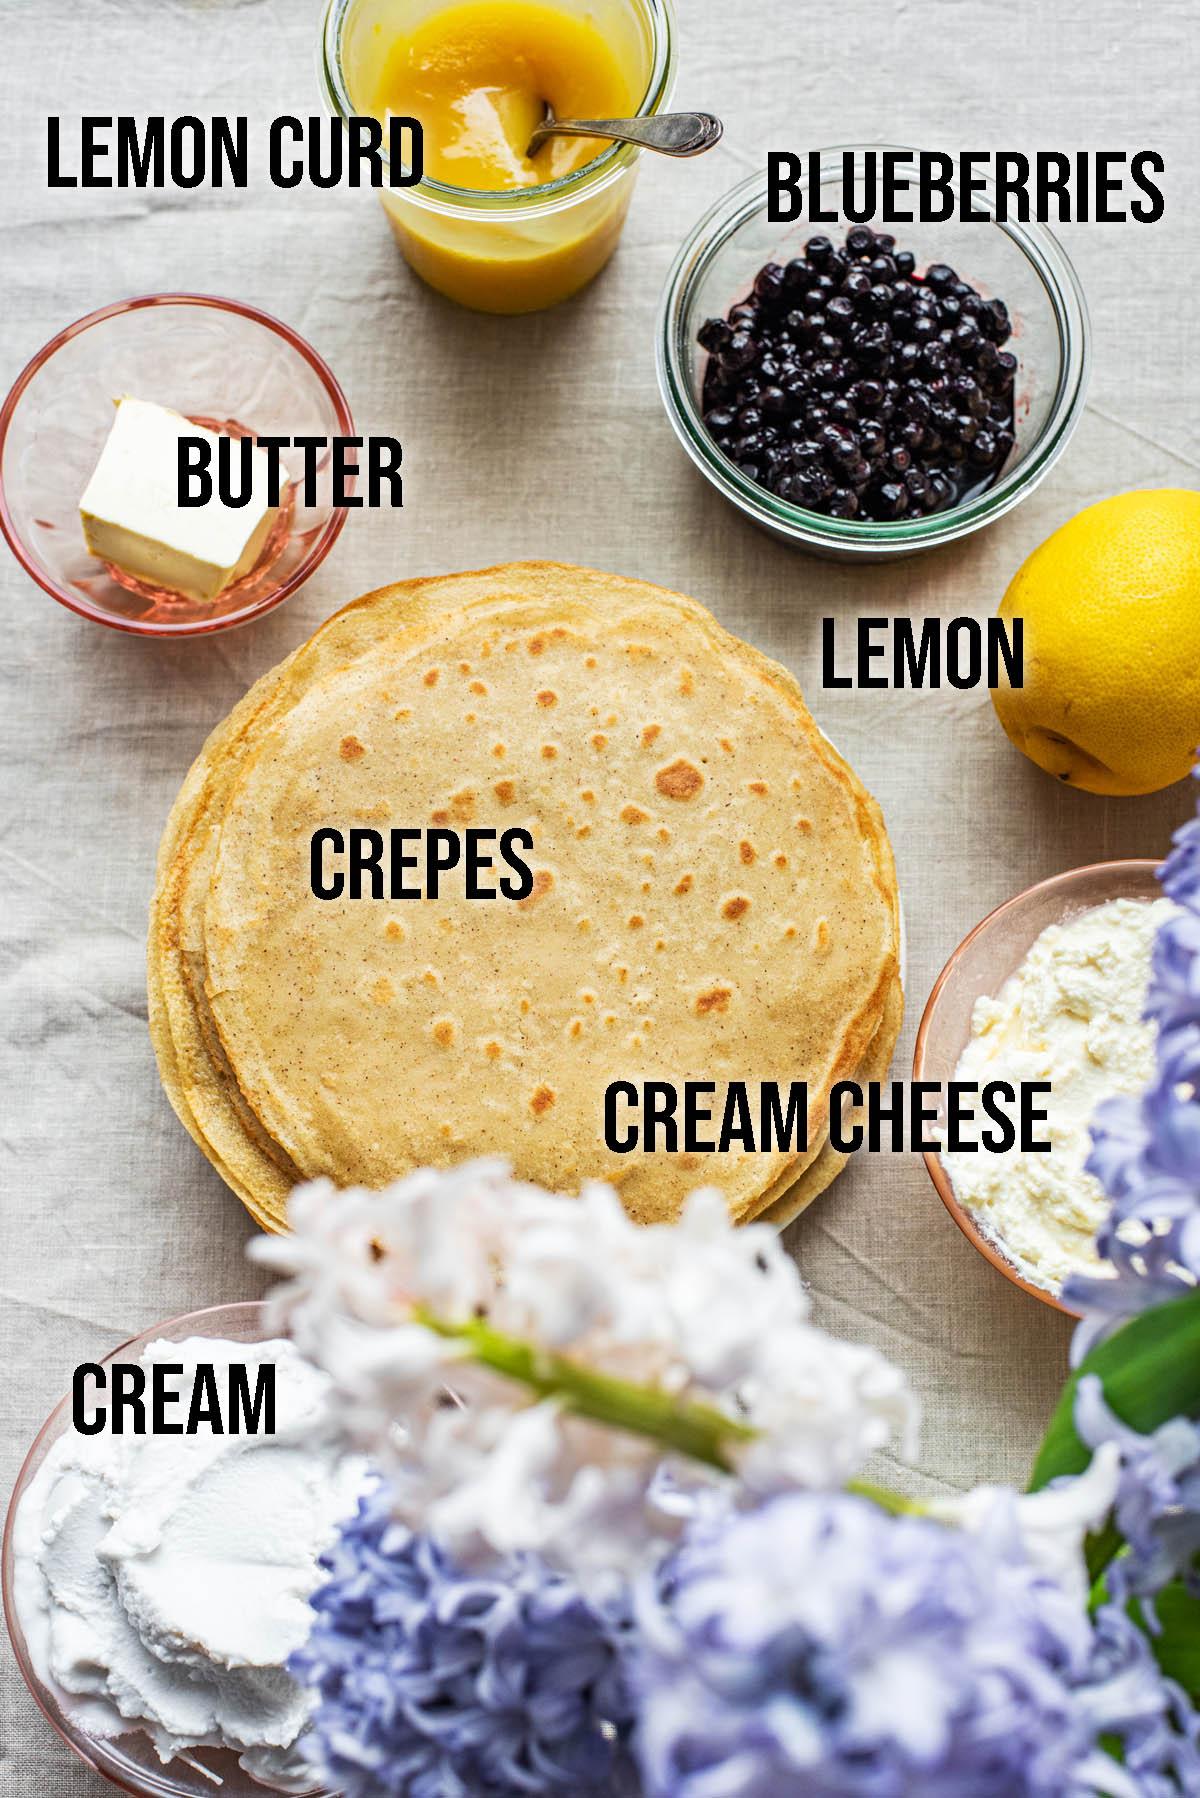 Crepe cake ingredients.